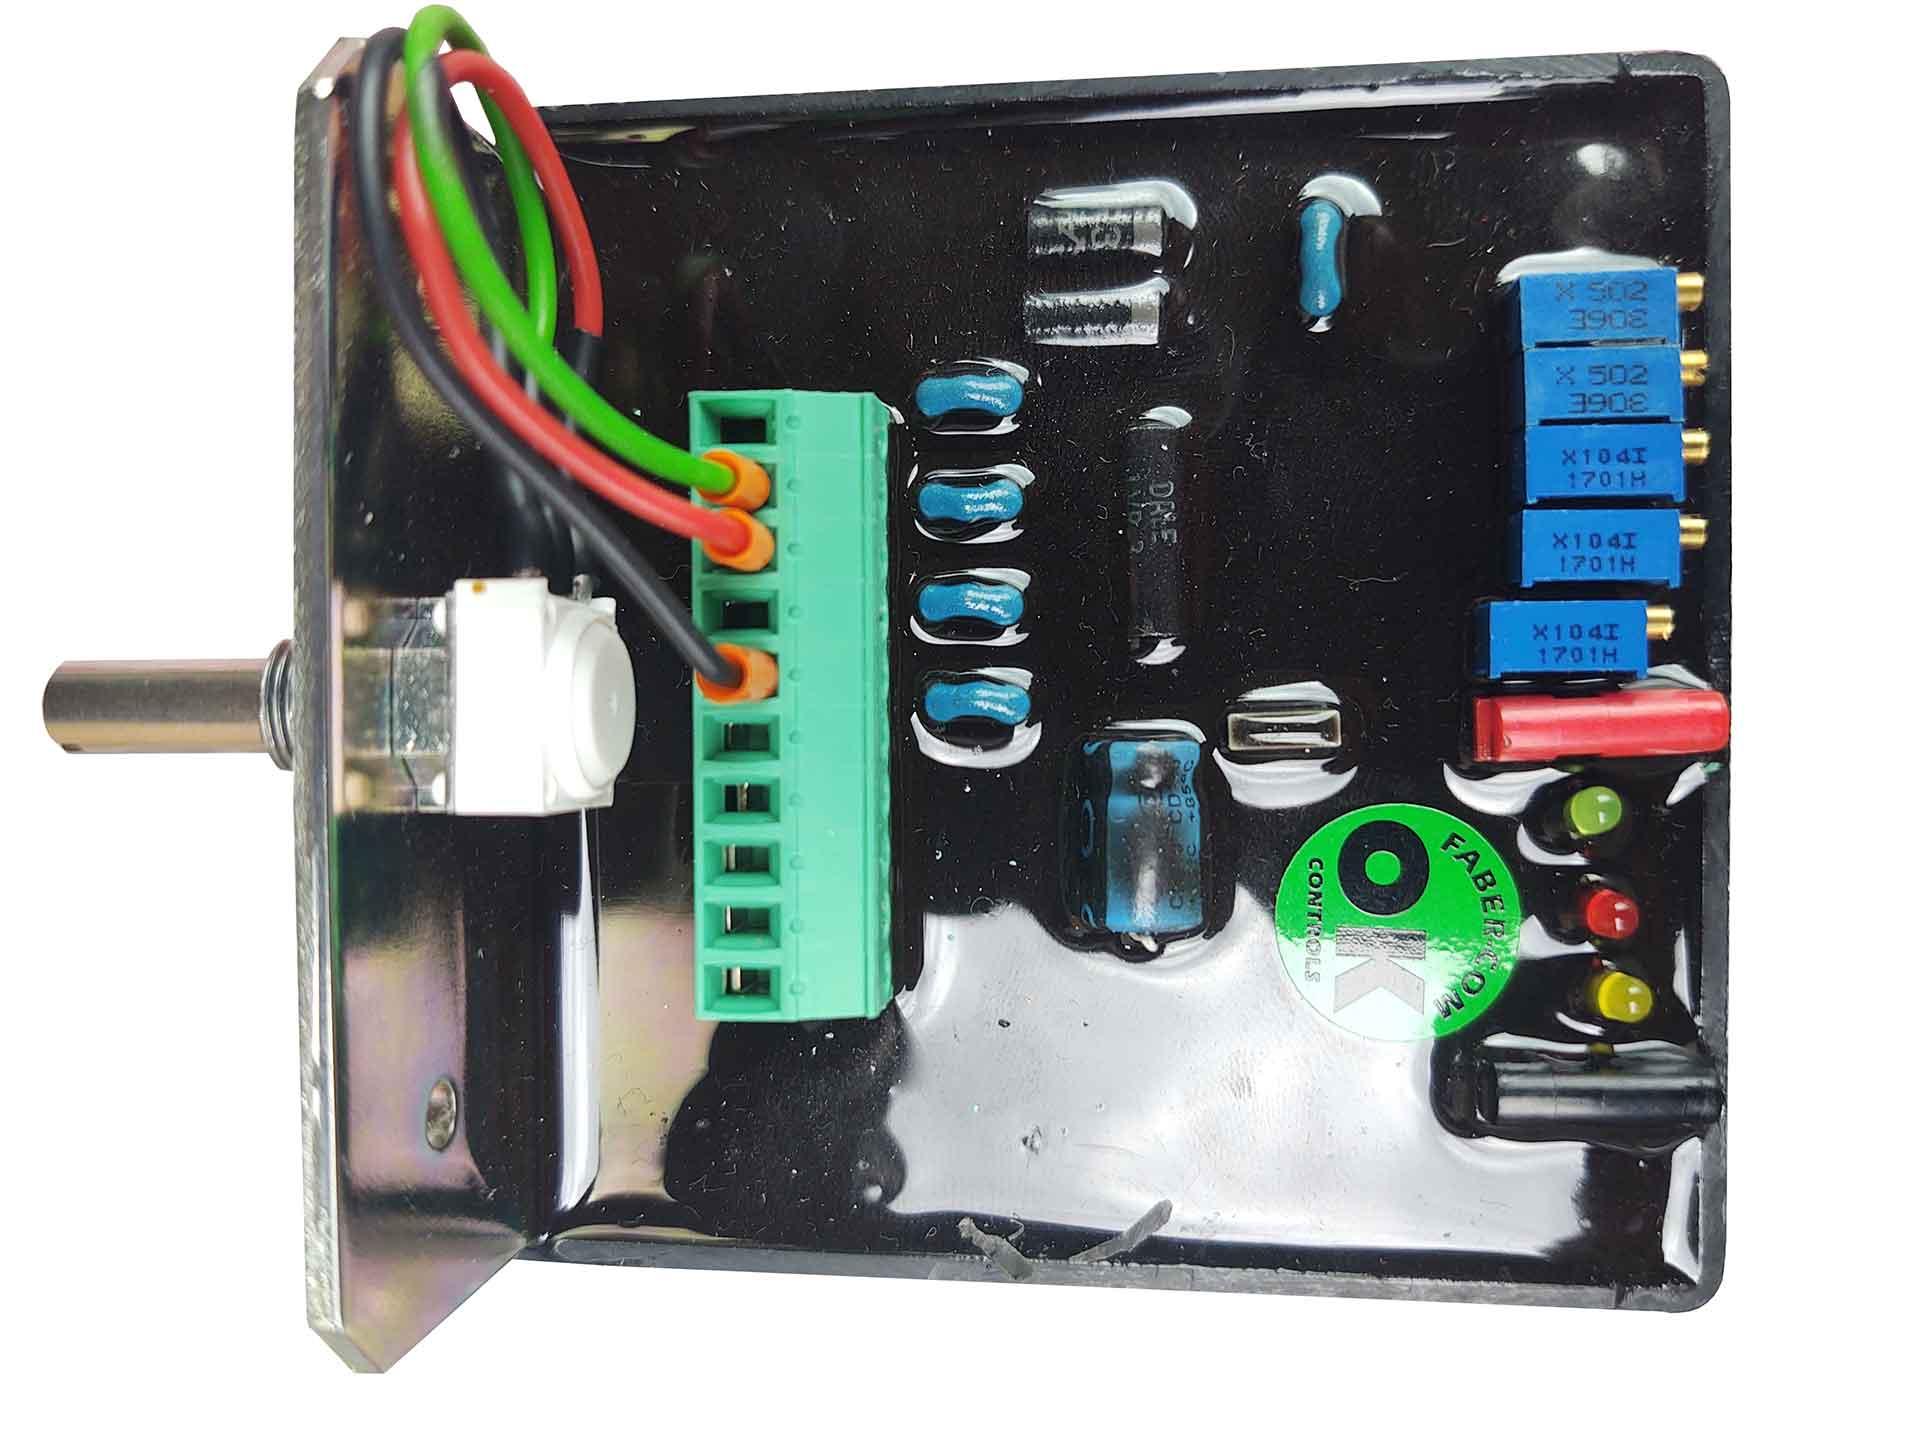 Fabercom VPP2 proportional controller